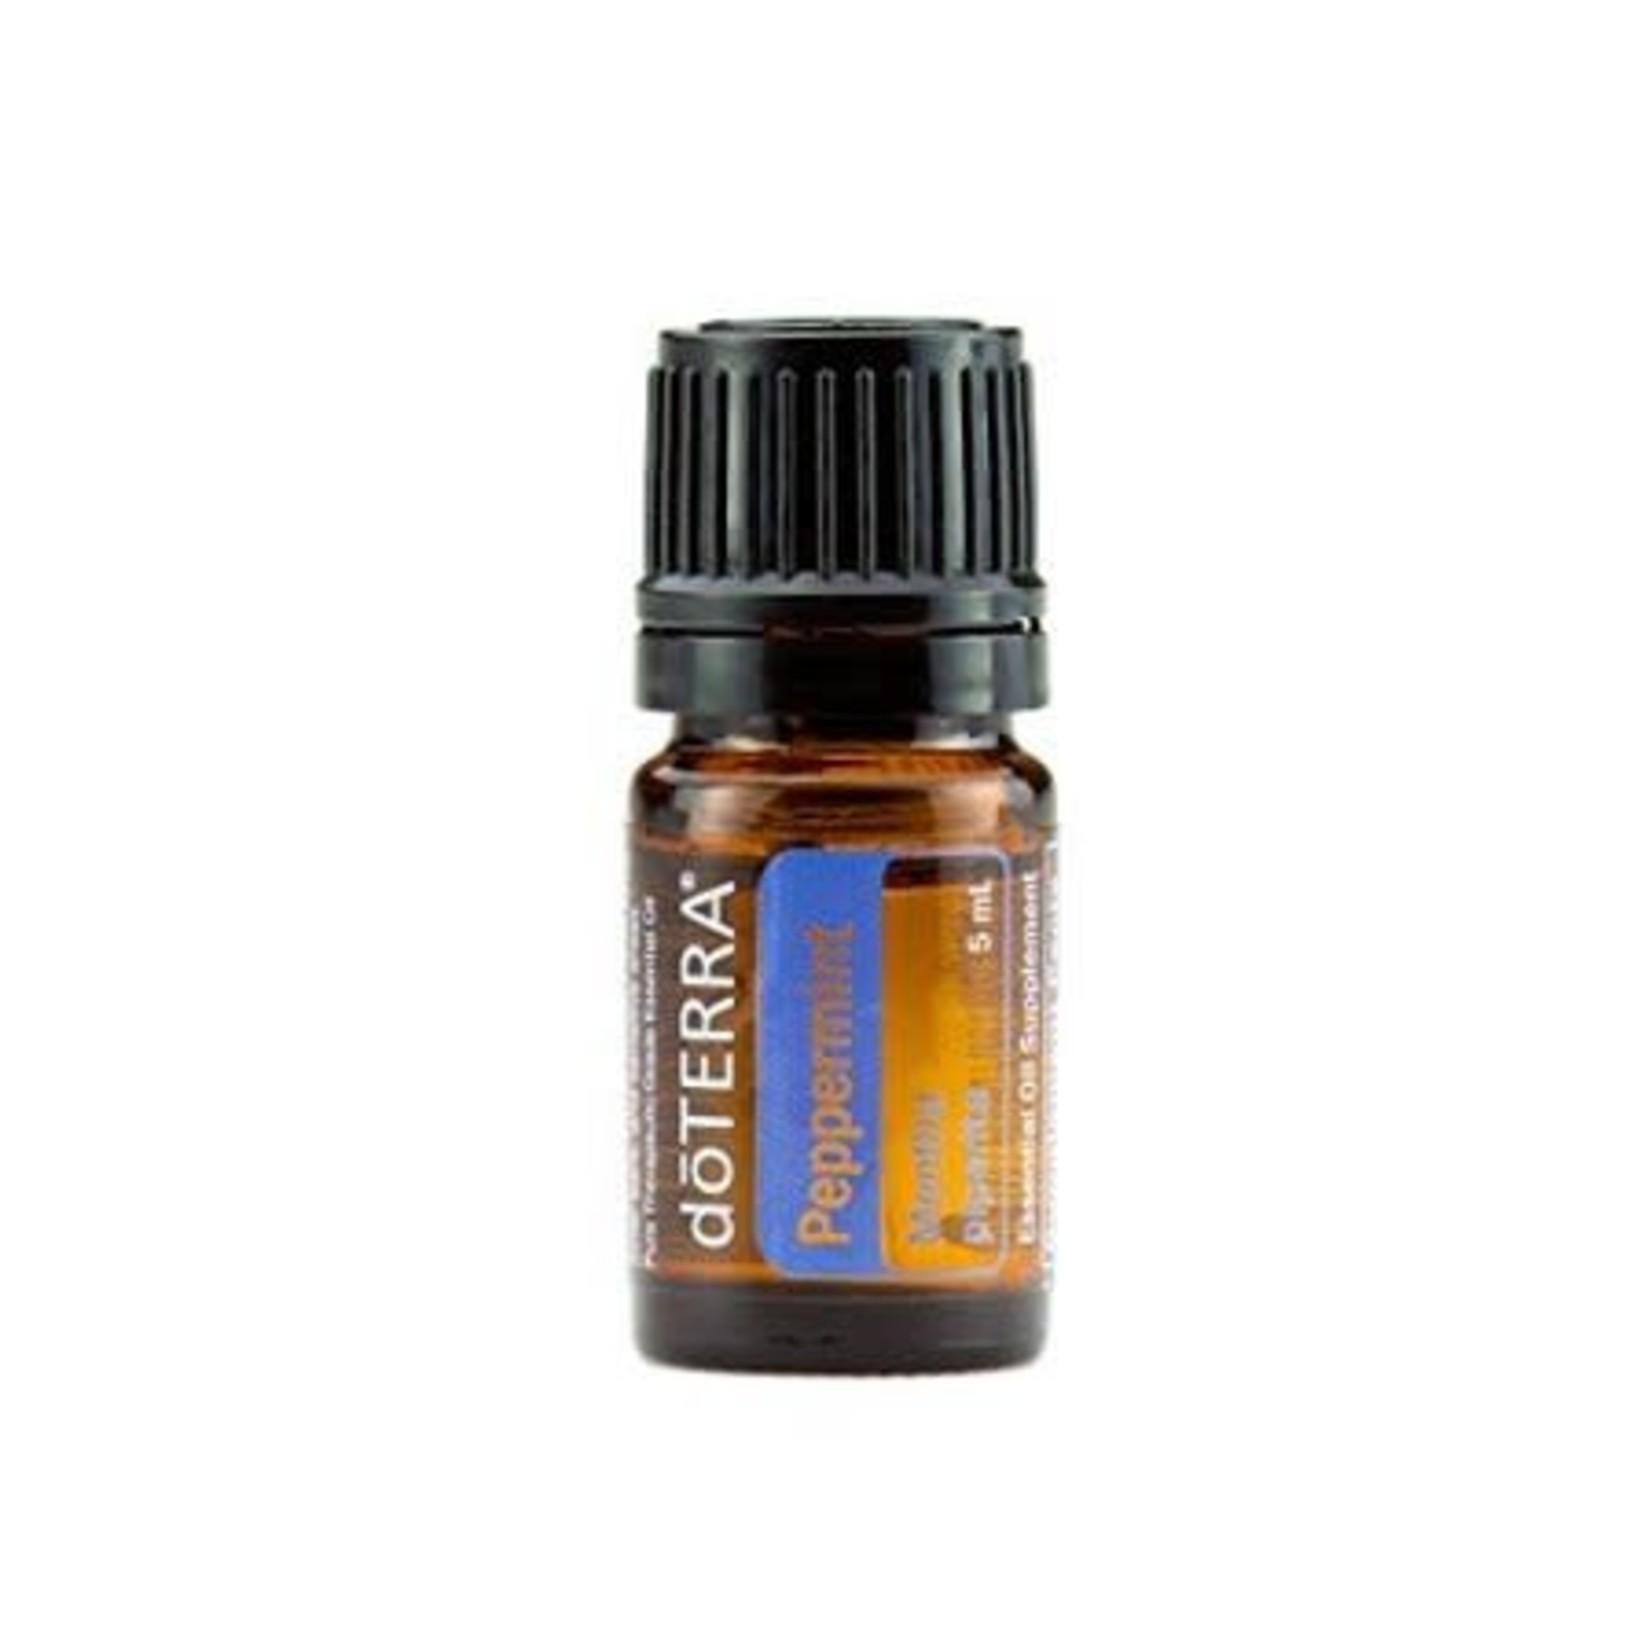 doTERRA doTERRA Essential Oil Peppermint